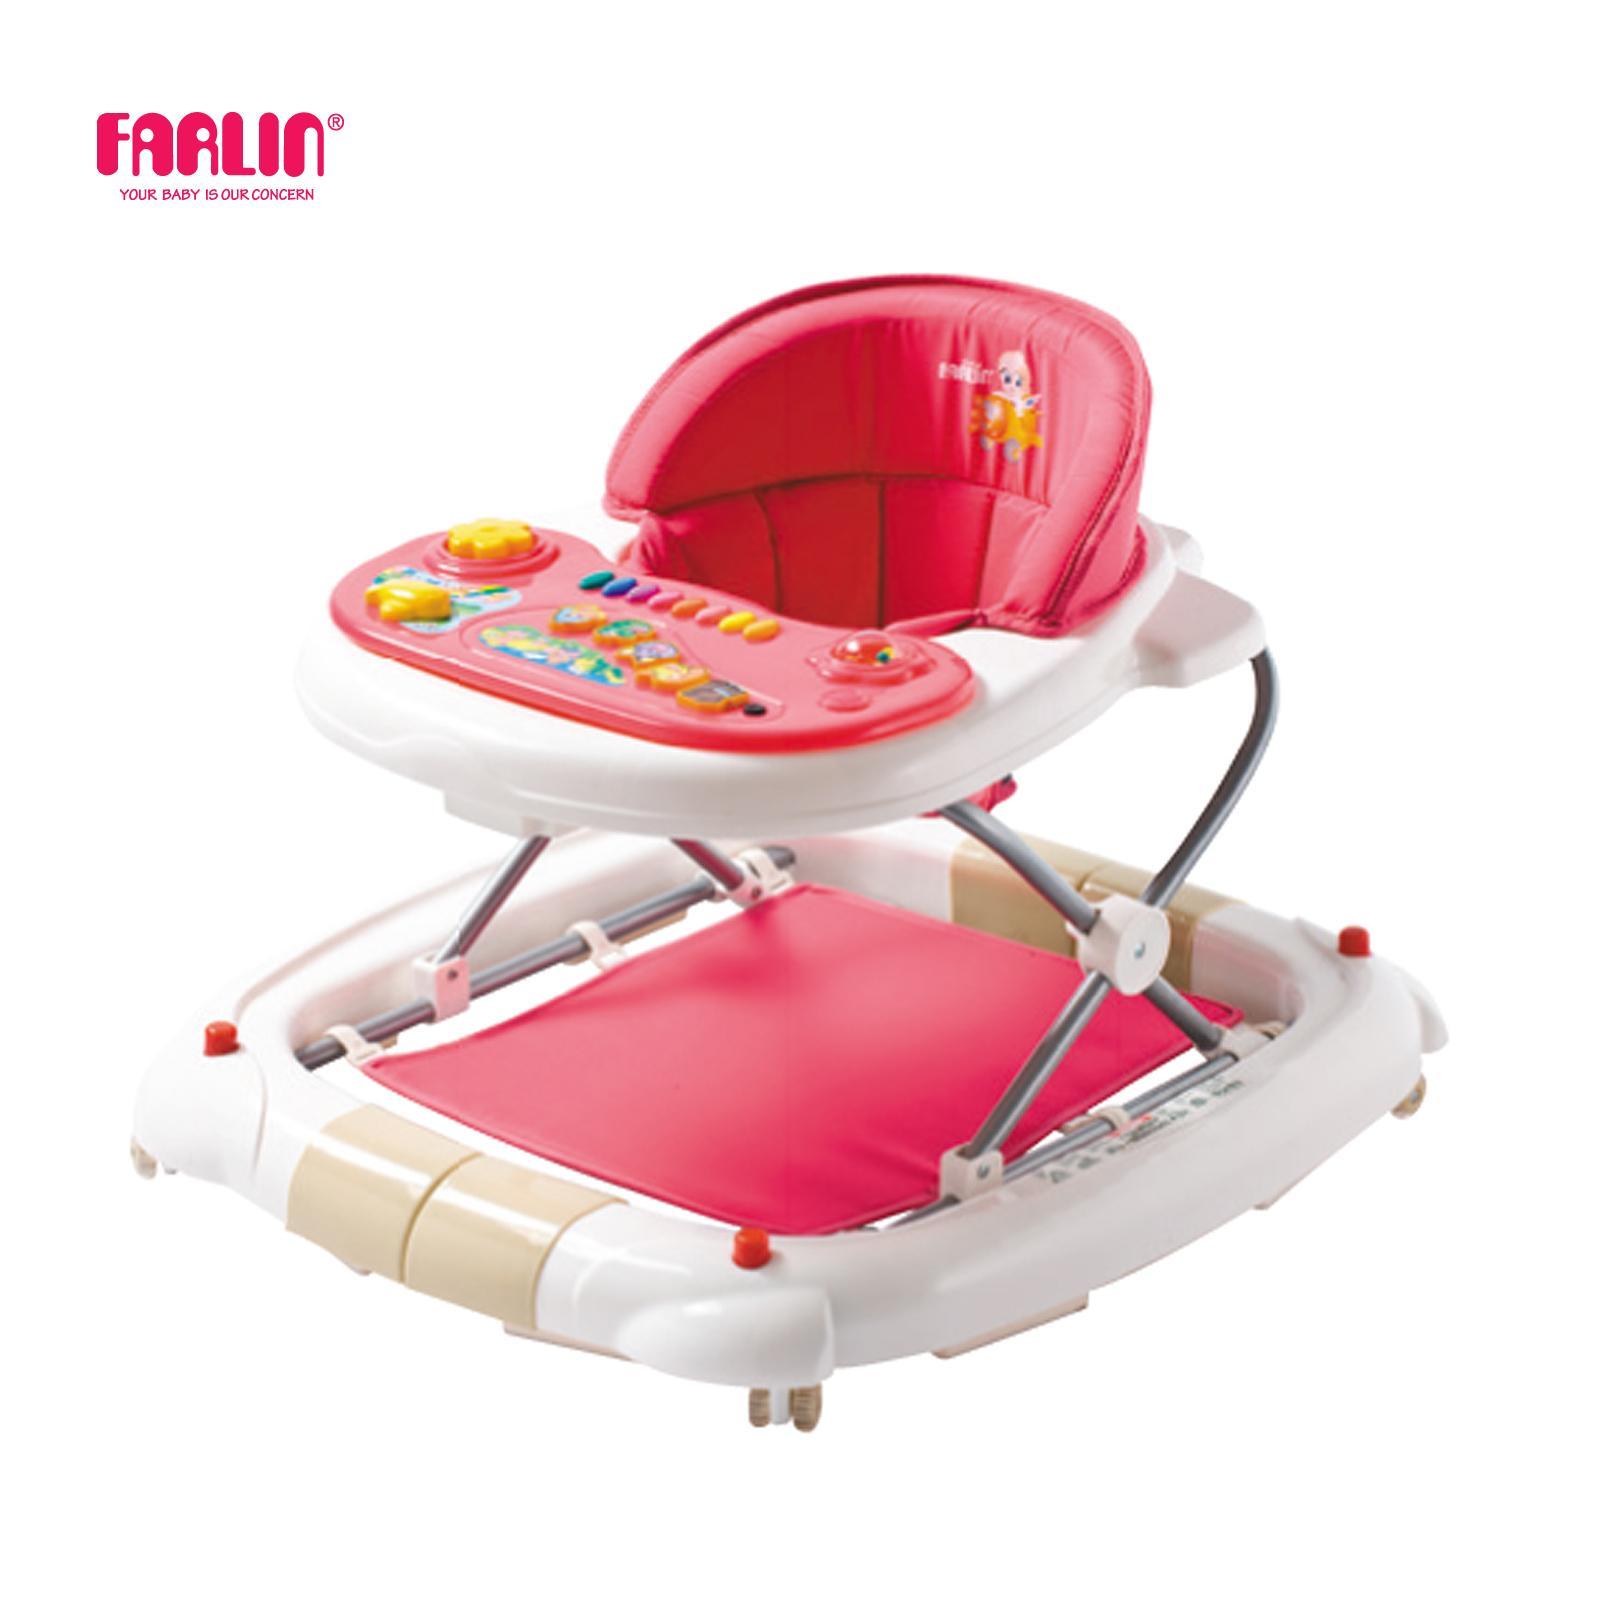 Farlin 2 In 1 Baby Walker Rocker